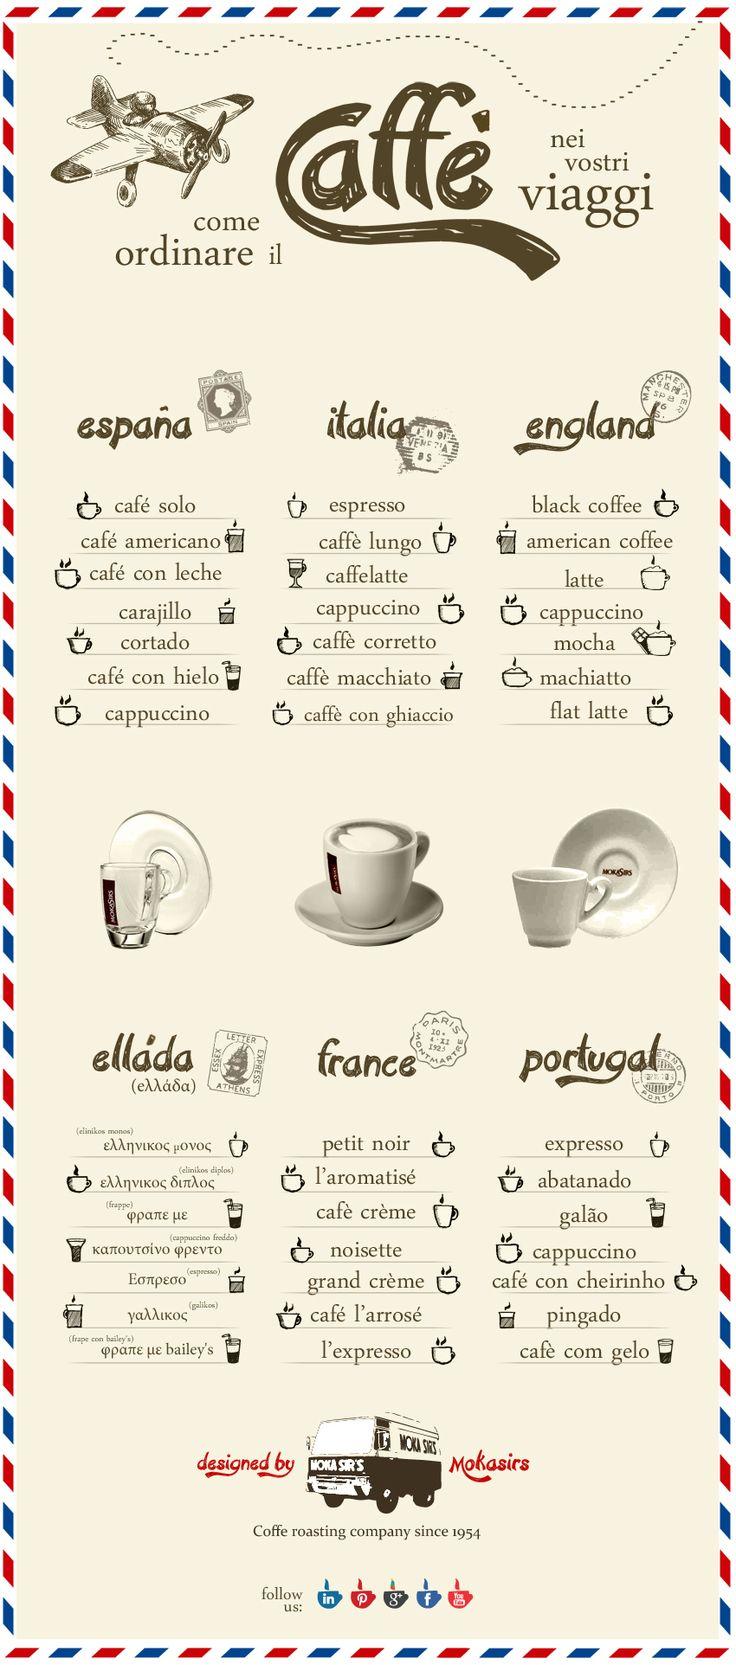 Come ordinare il caffè all'estero